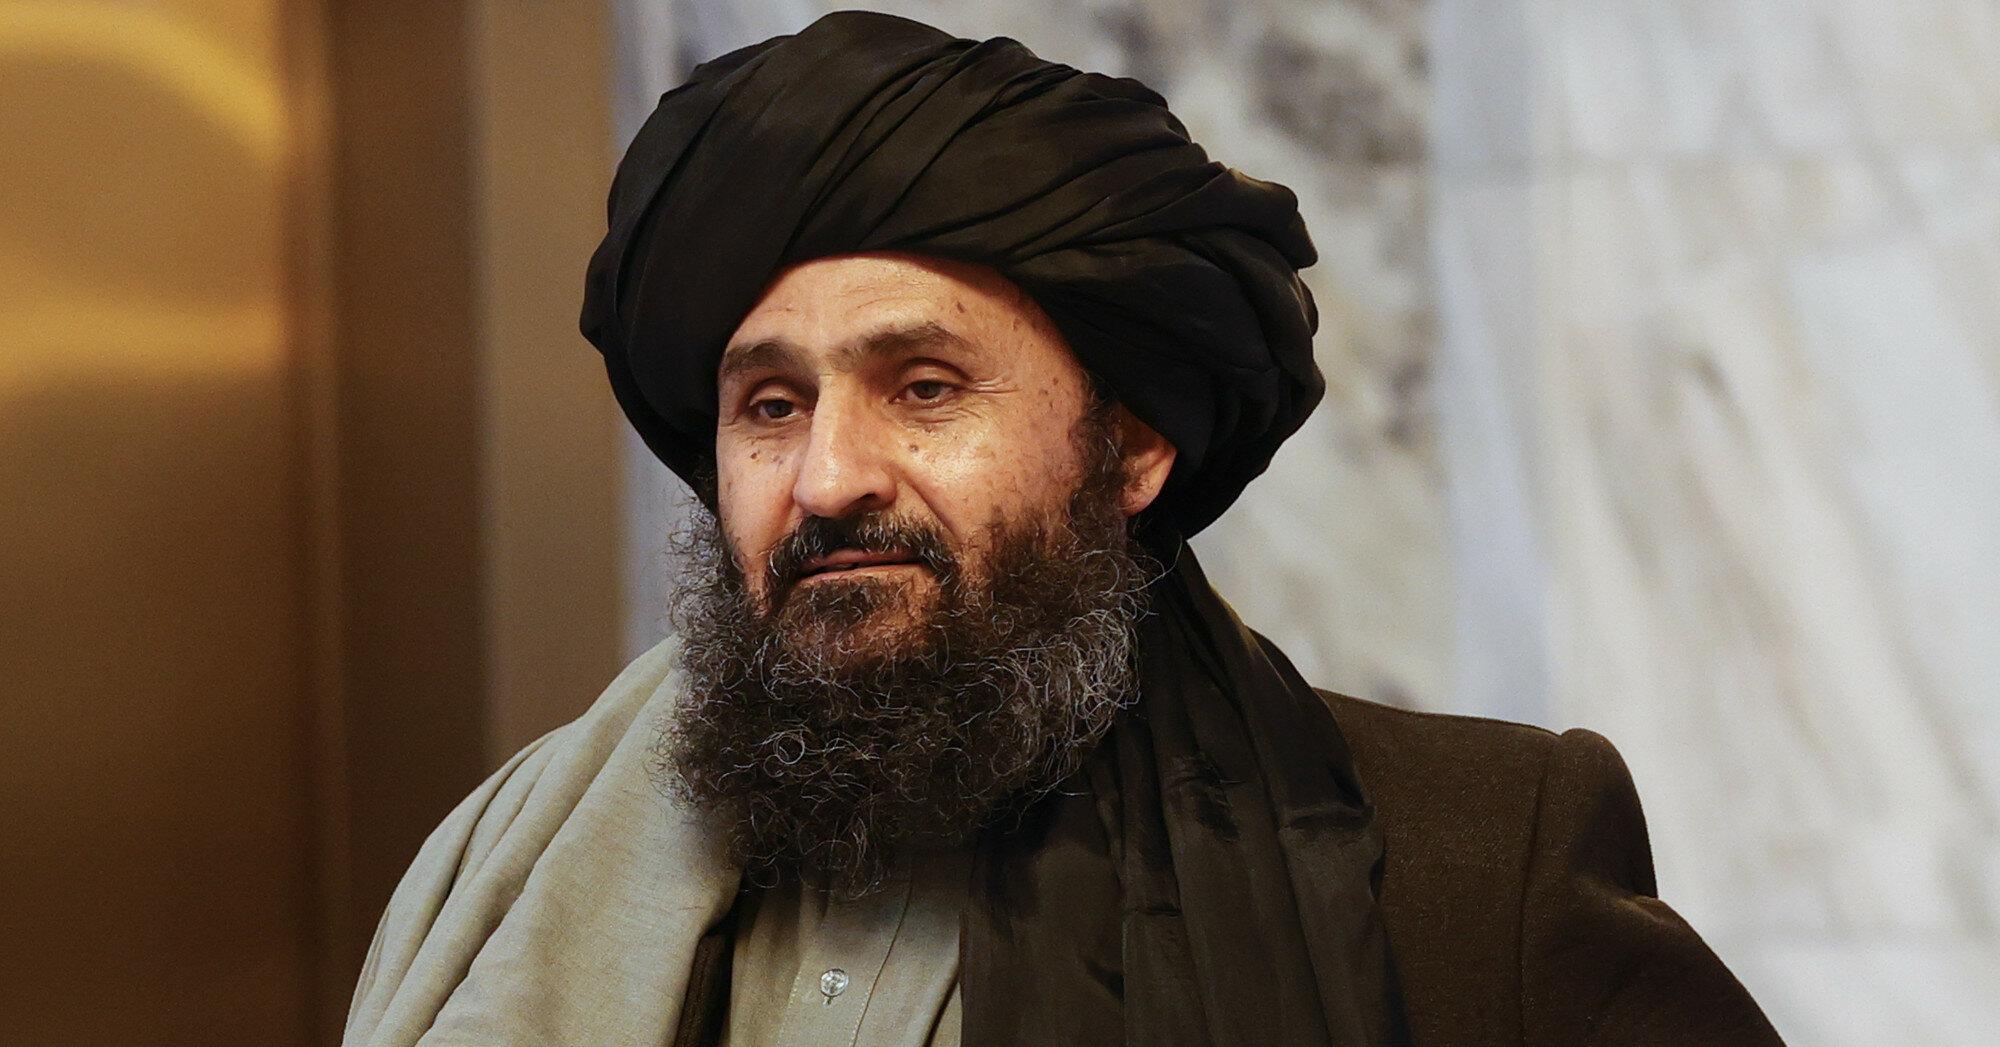 Лідера «Талібану» внесли до списку найвпливовіших людей світу